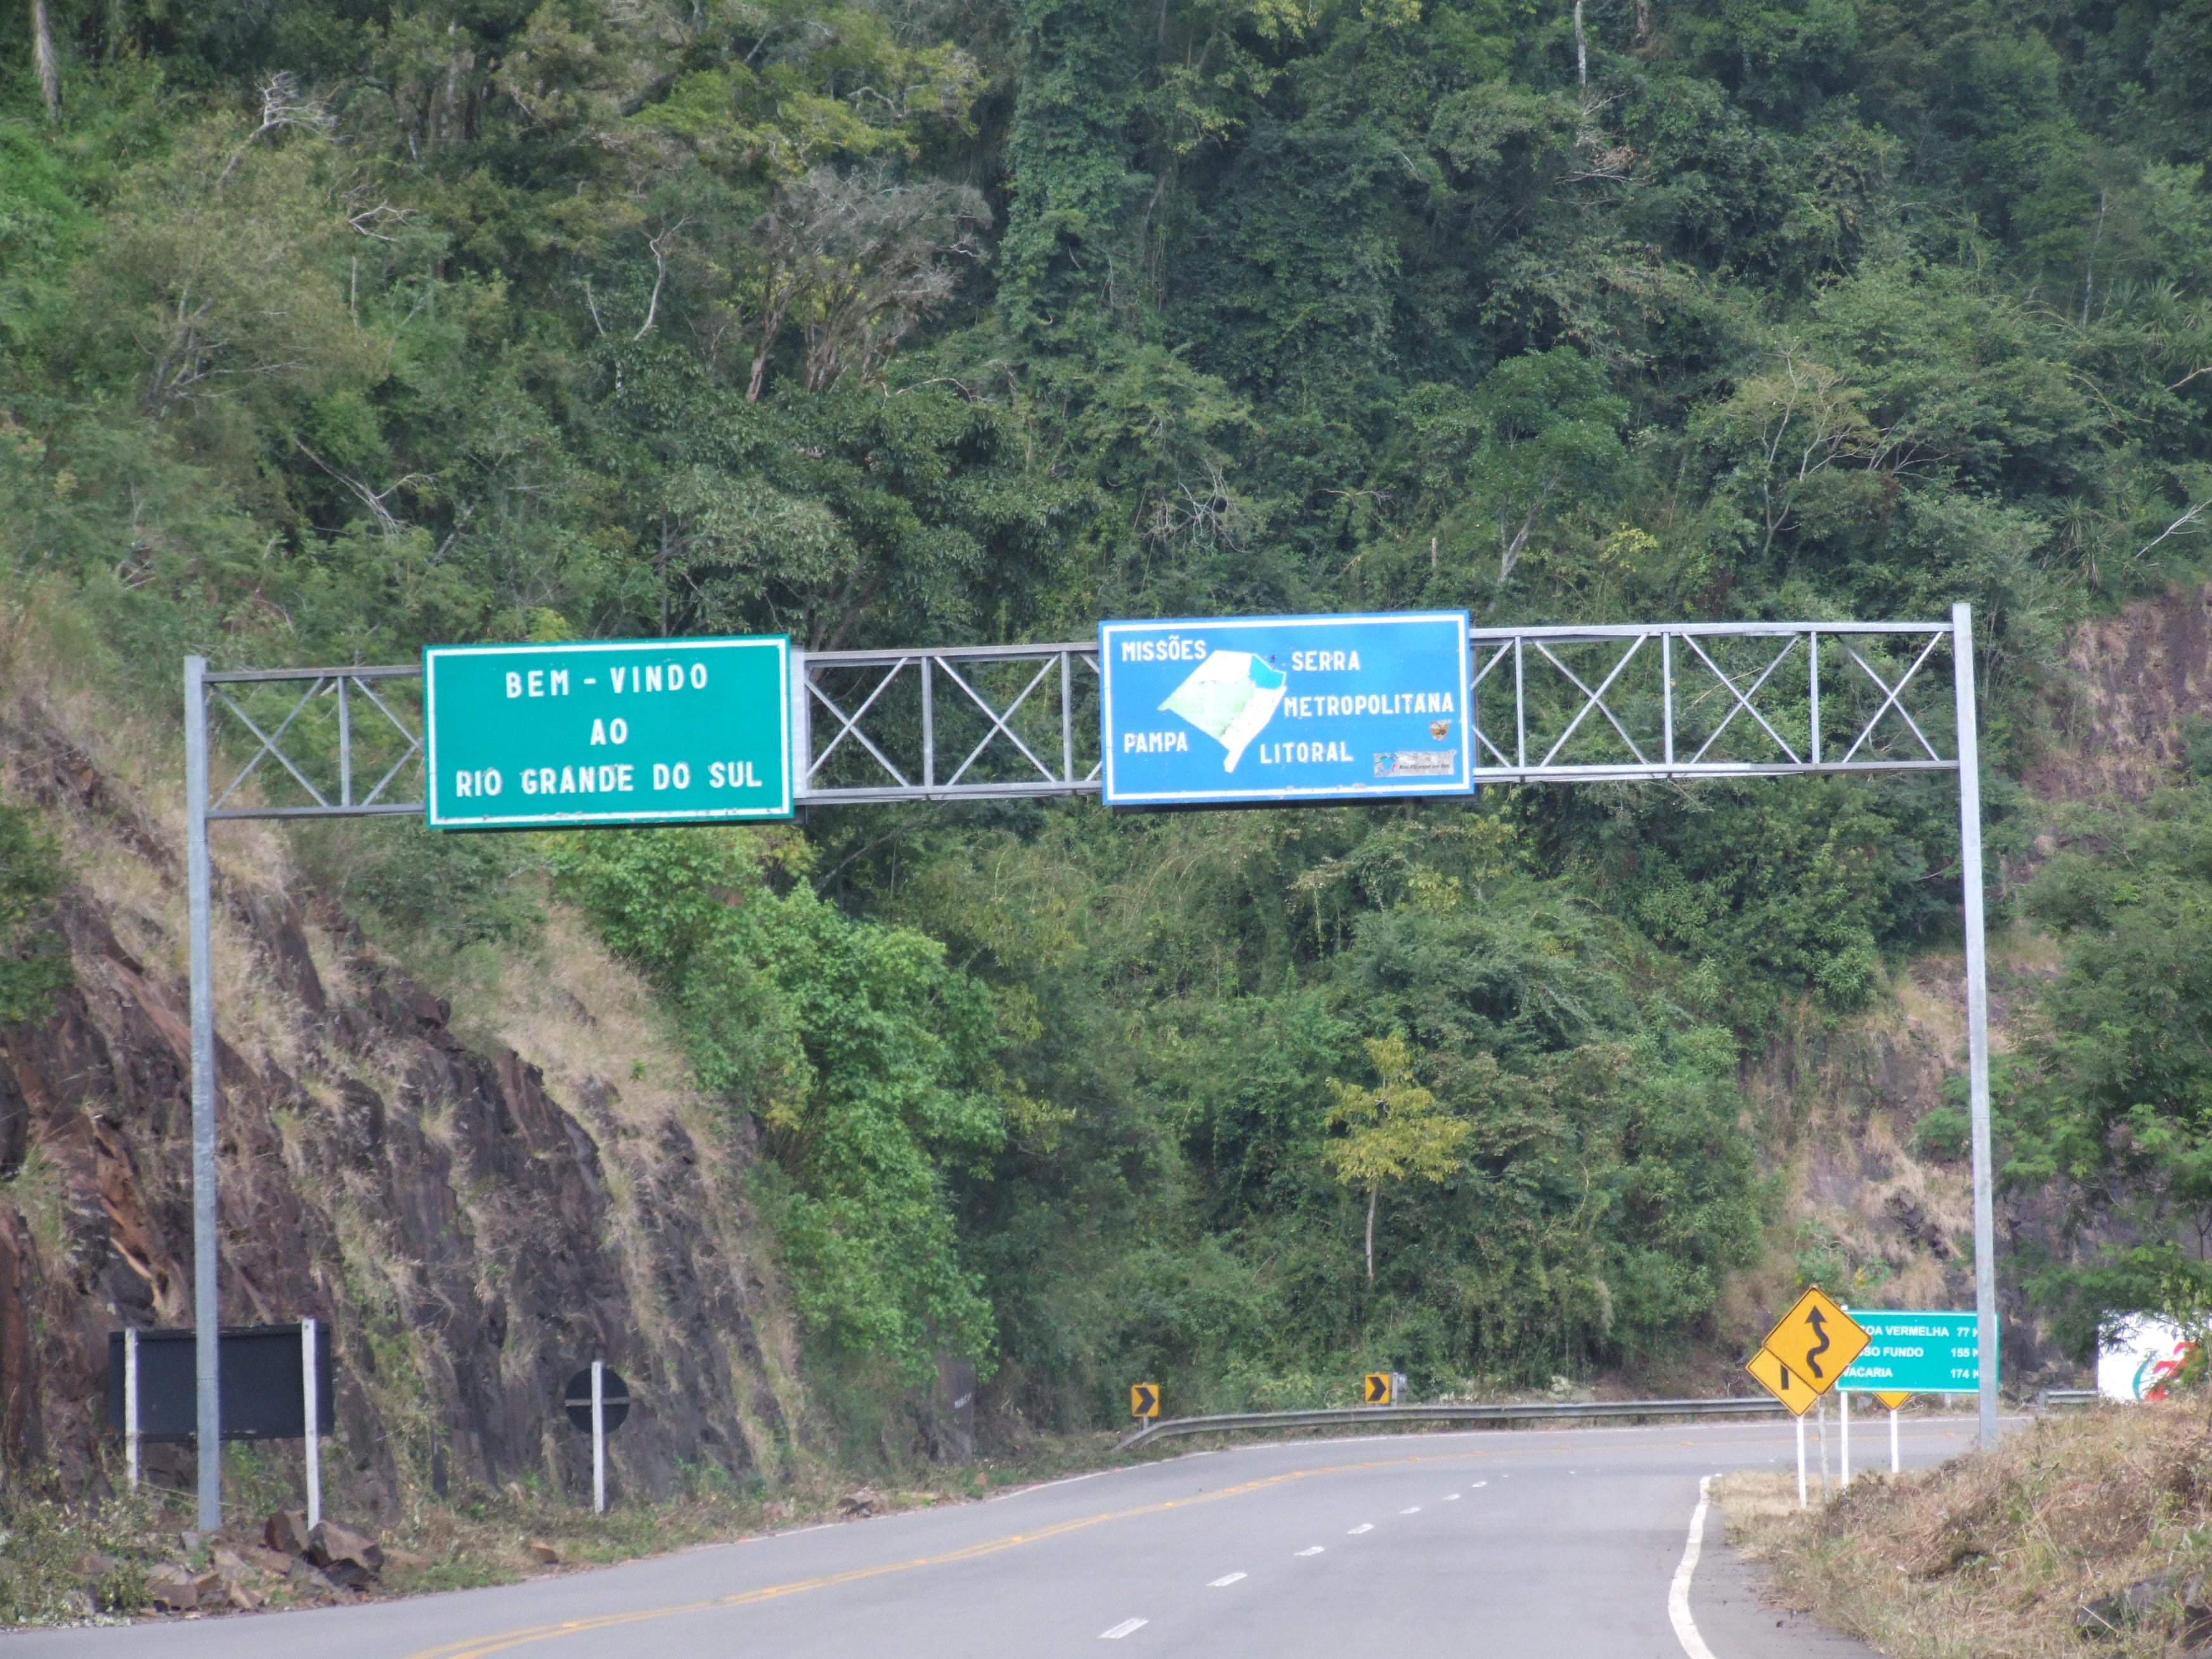 Barracão Rio Grande do Sul fonte: upload.wikimedia.org